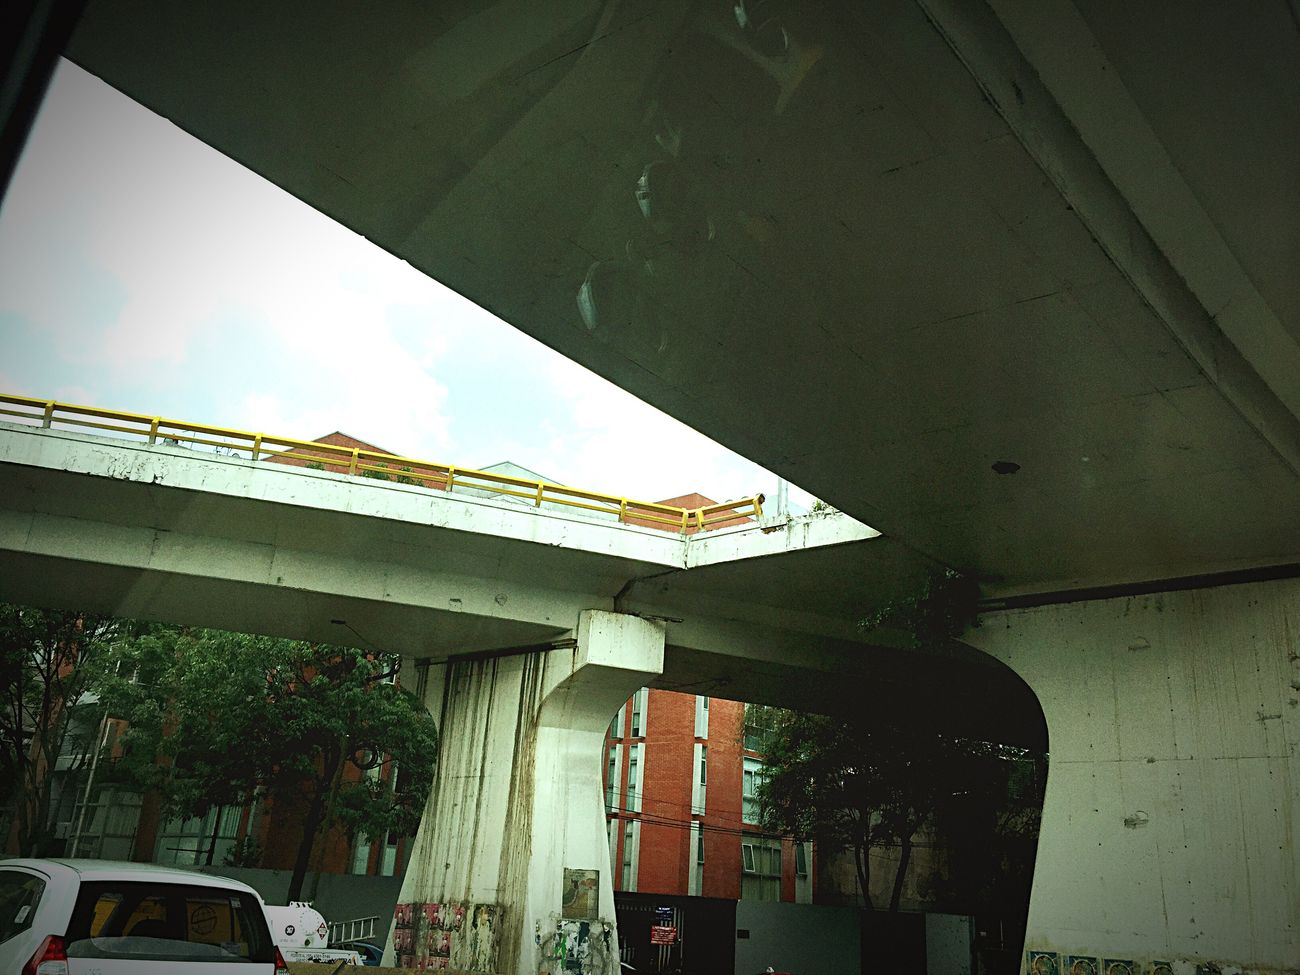 Rumbo al aeropuerto. Puente Puentes PAISAJE URBANO Cdmx Mexico Mexico City Bridge